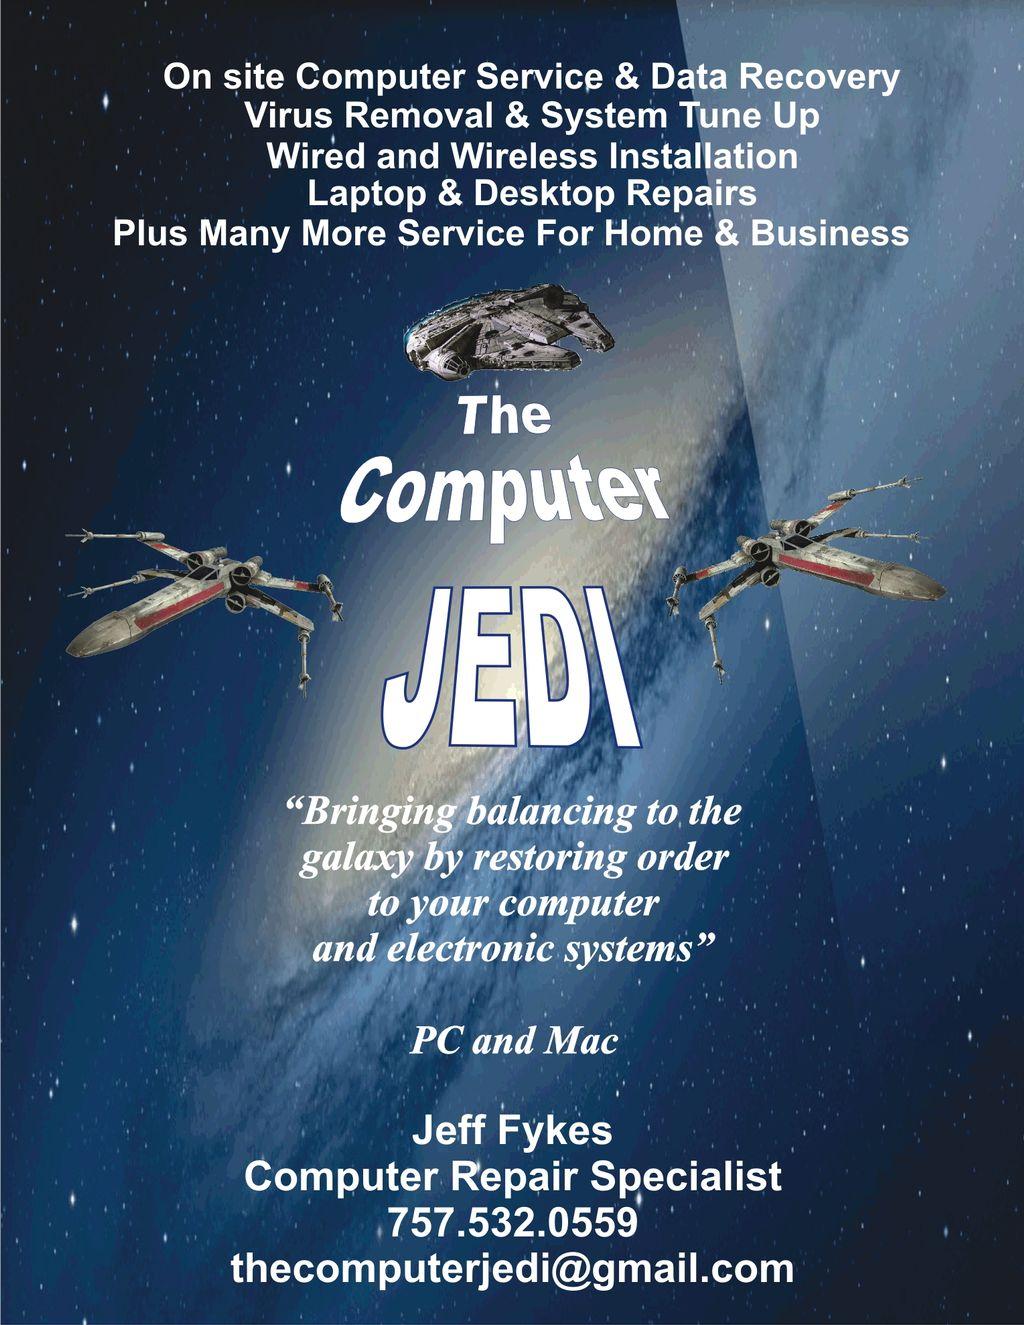 The ComputerJEDI